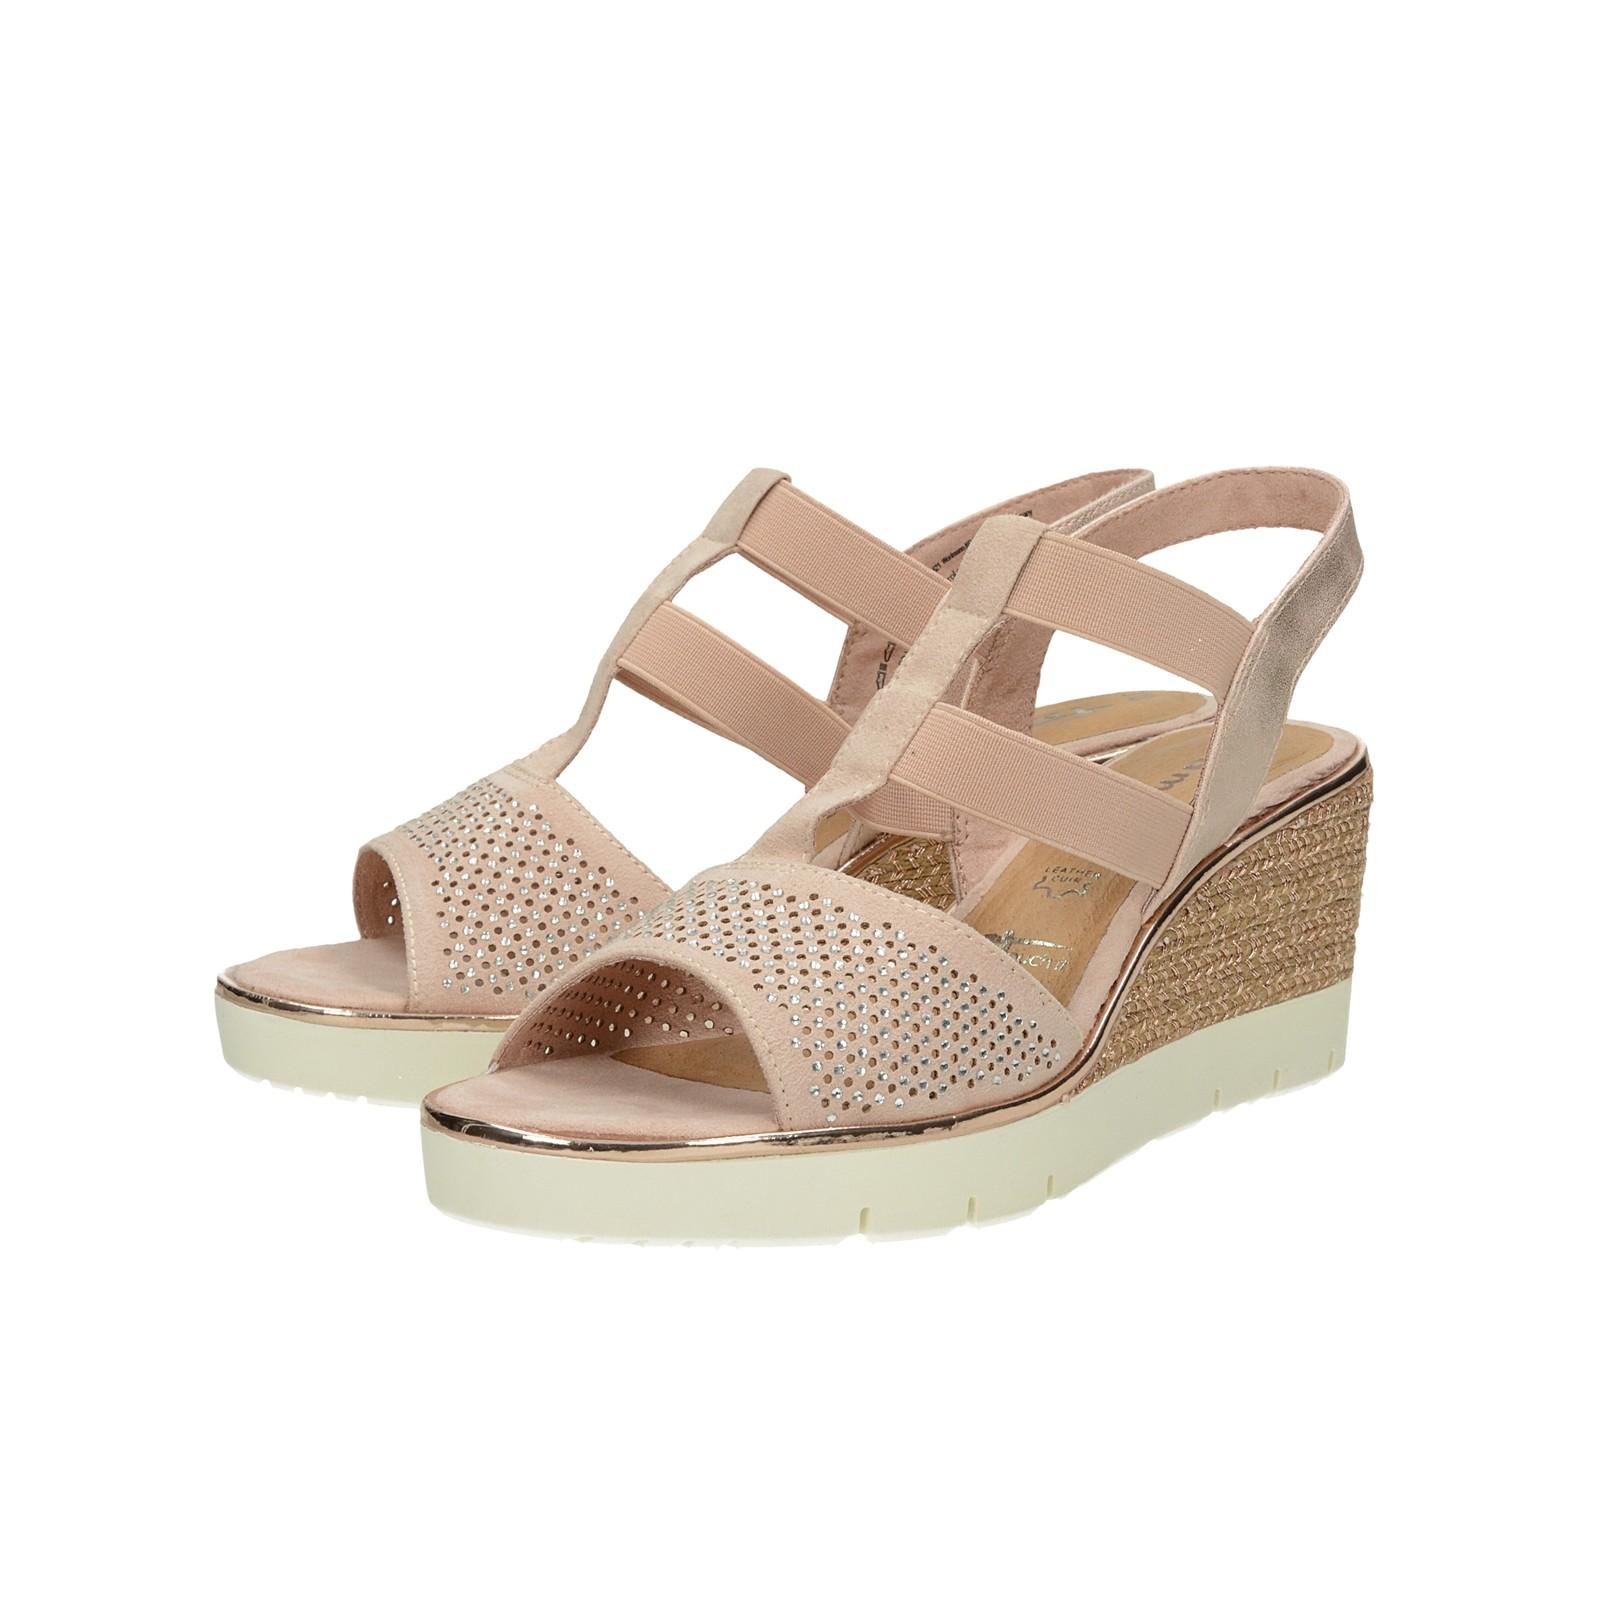 41ebdd7544bd Tamaris dámske pohodlné sandále na klinovej podrážke - ružové ...